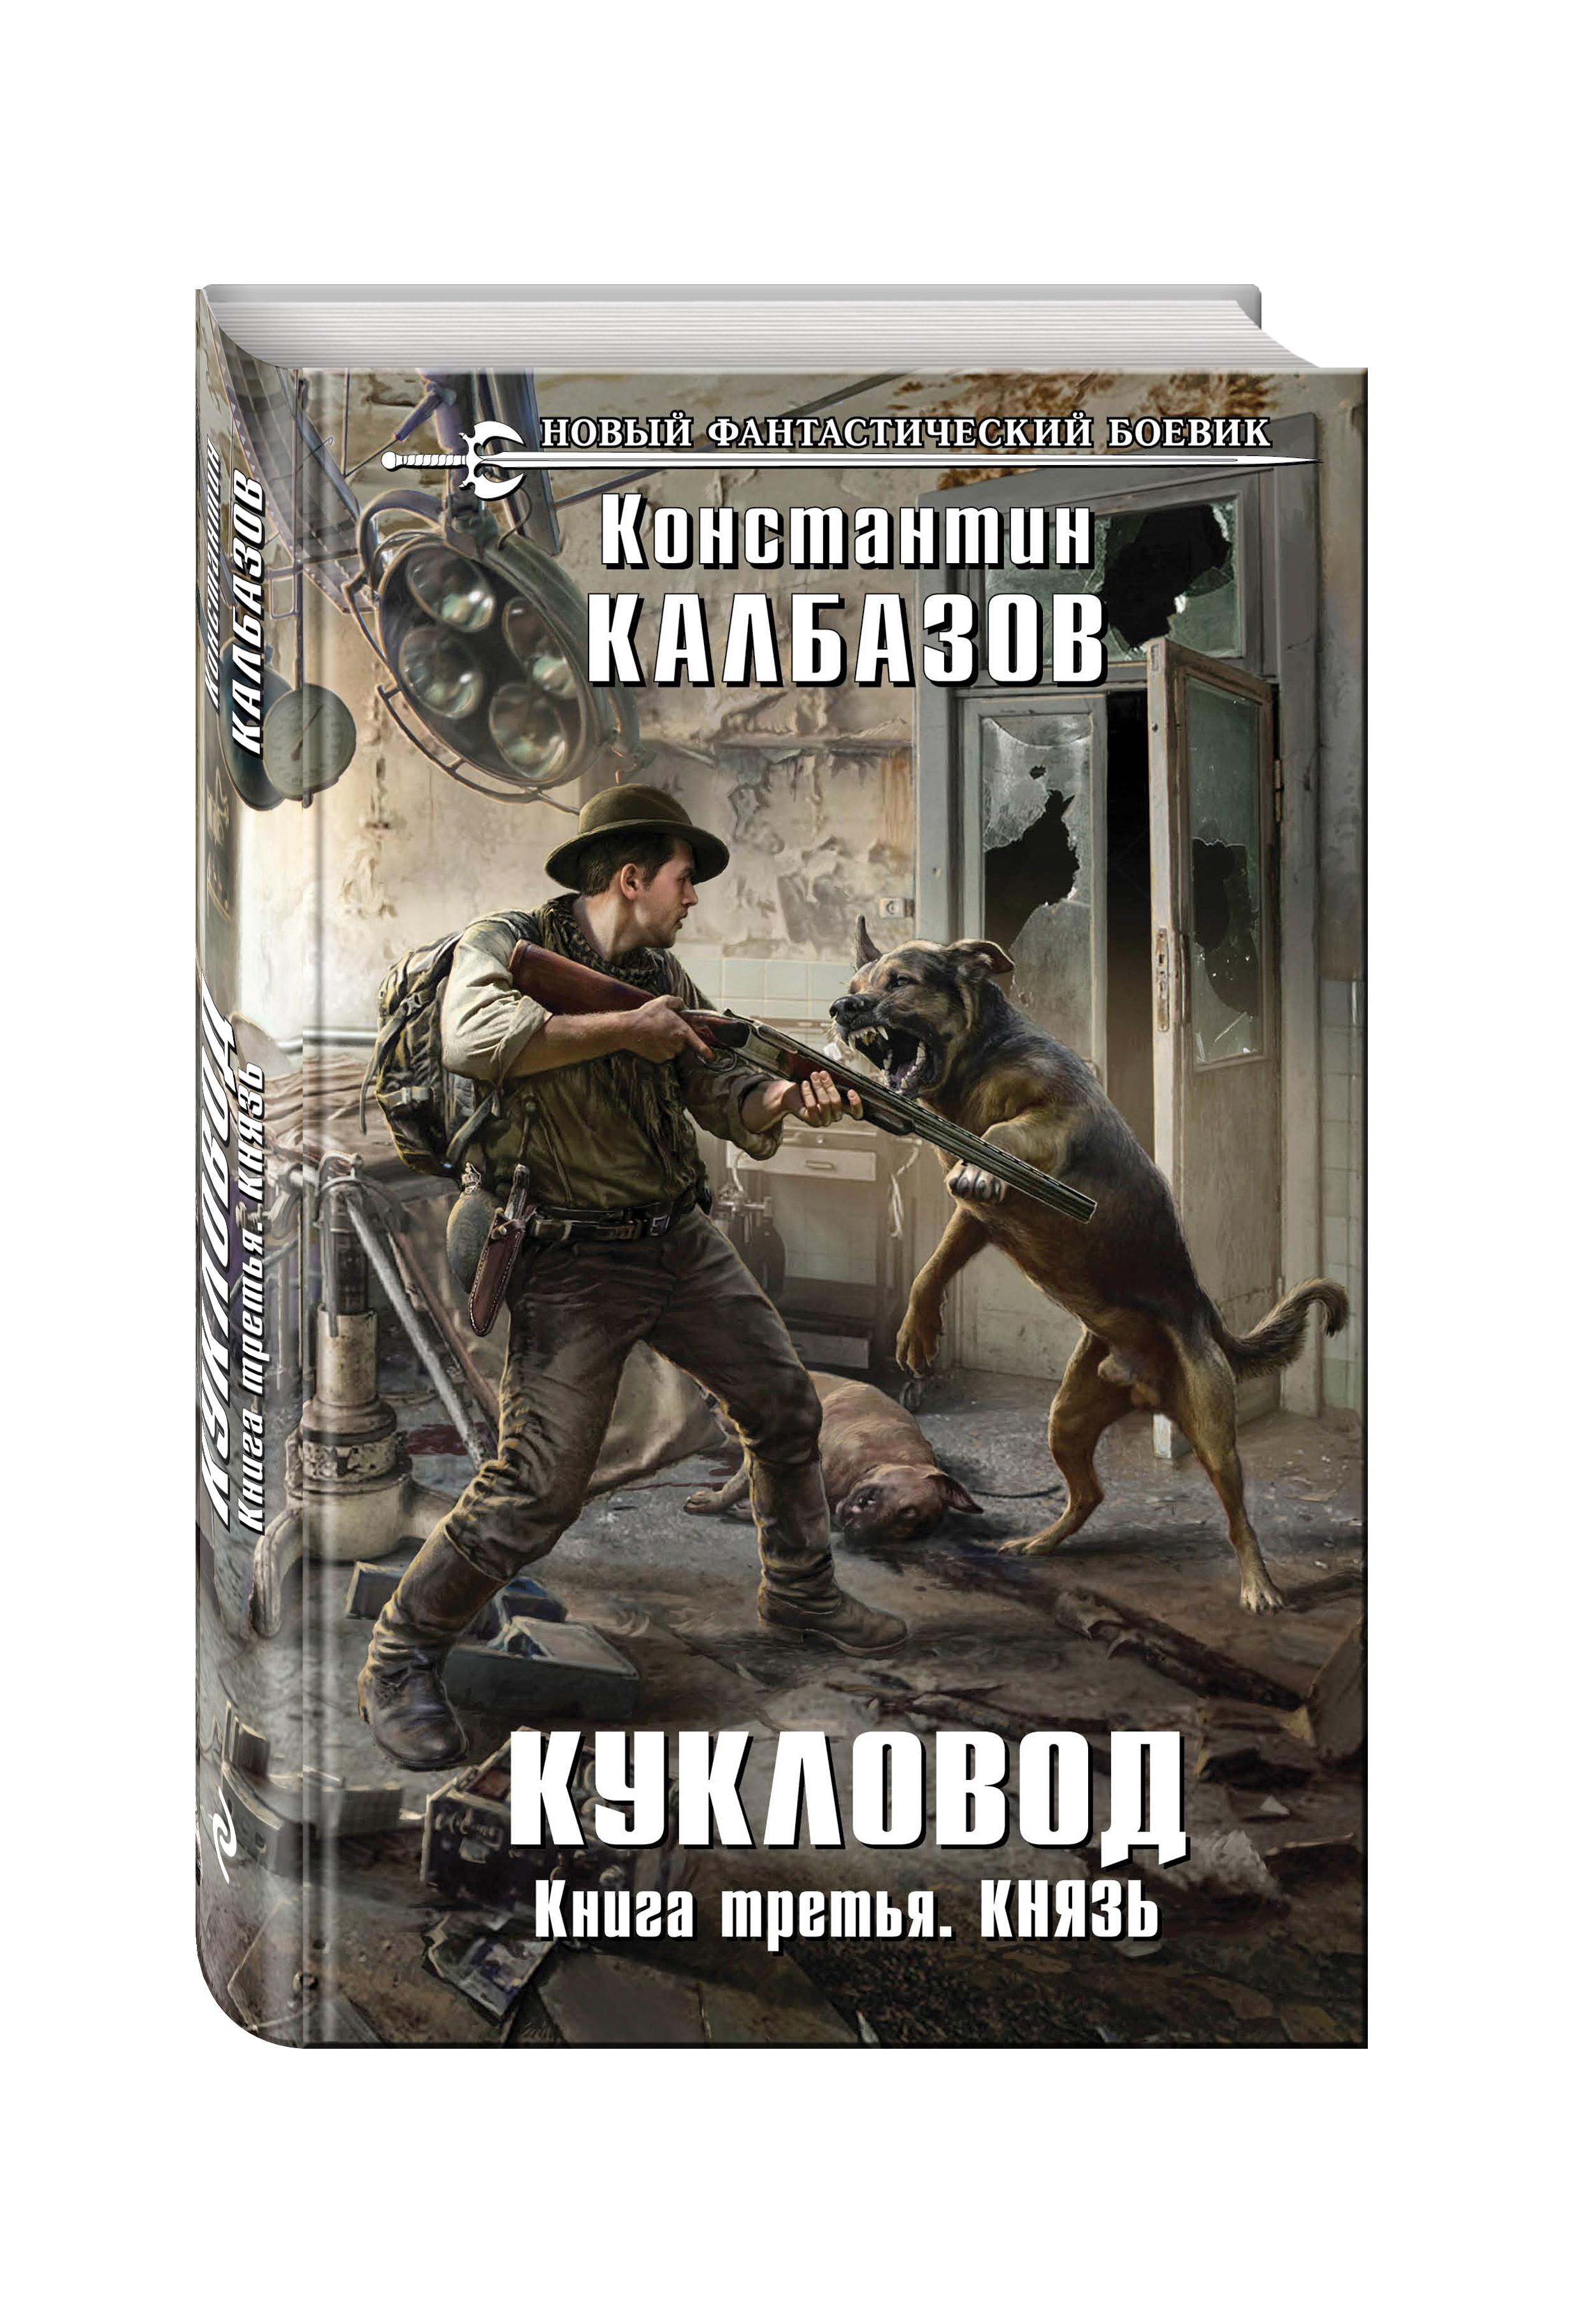 Калбазов К.Г. Кукловод. Книга 3. Князь удлинитель universal у6 639 шввп 2 0 75 3гнезда 3м